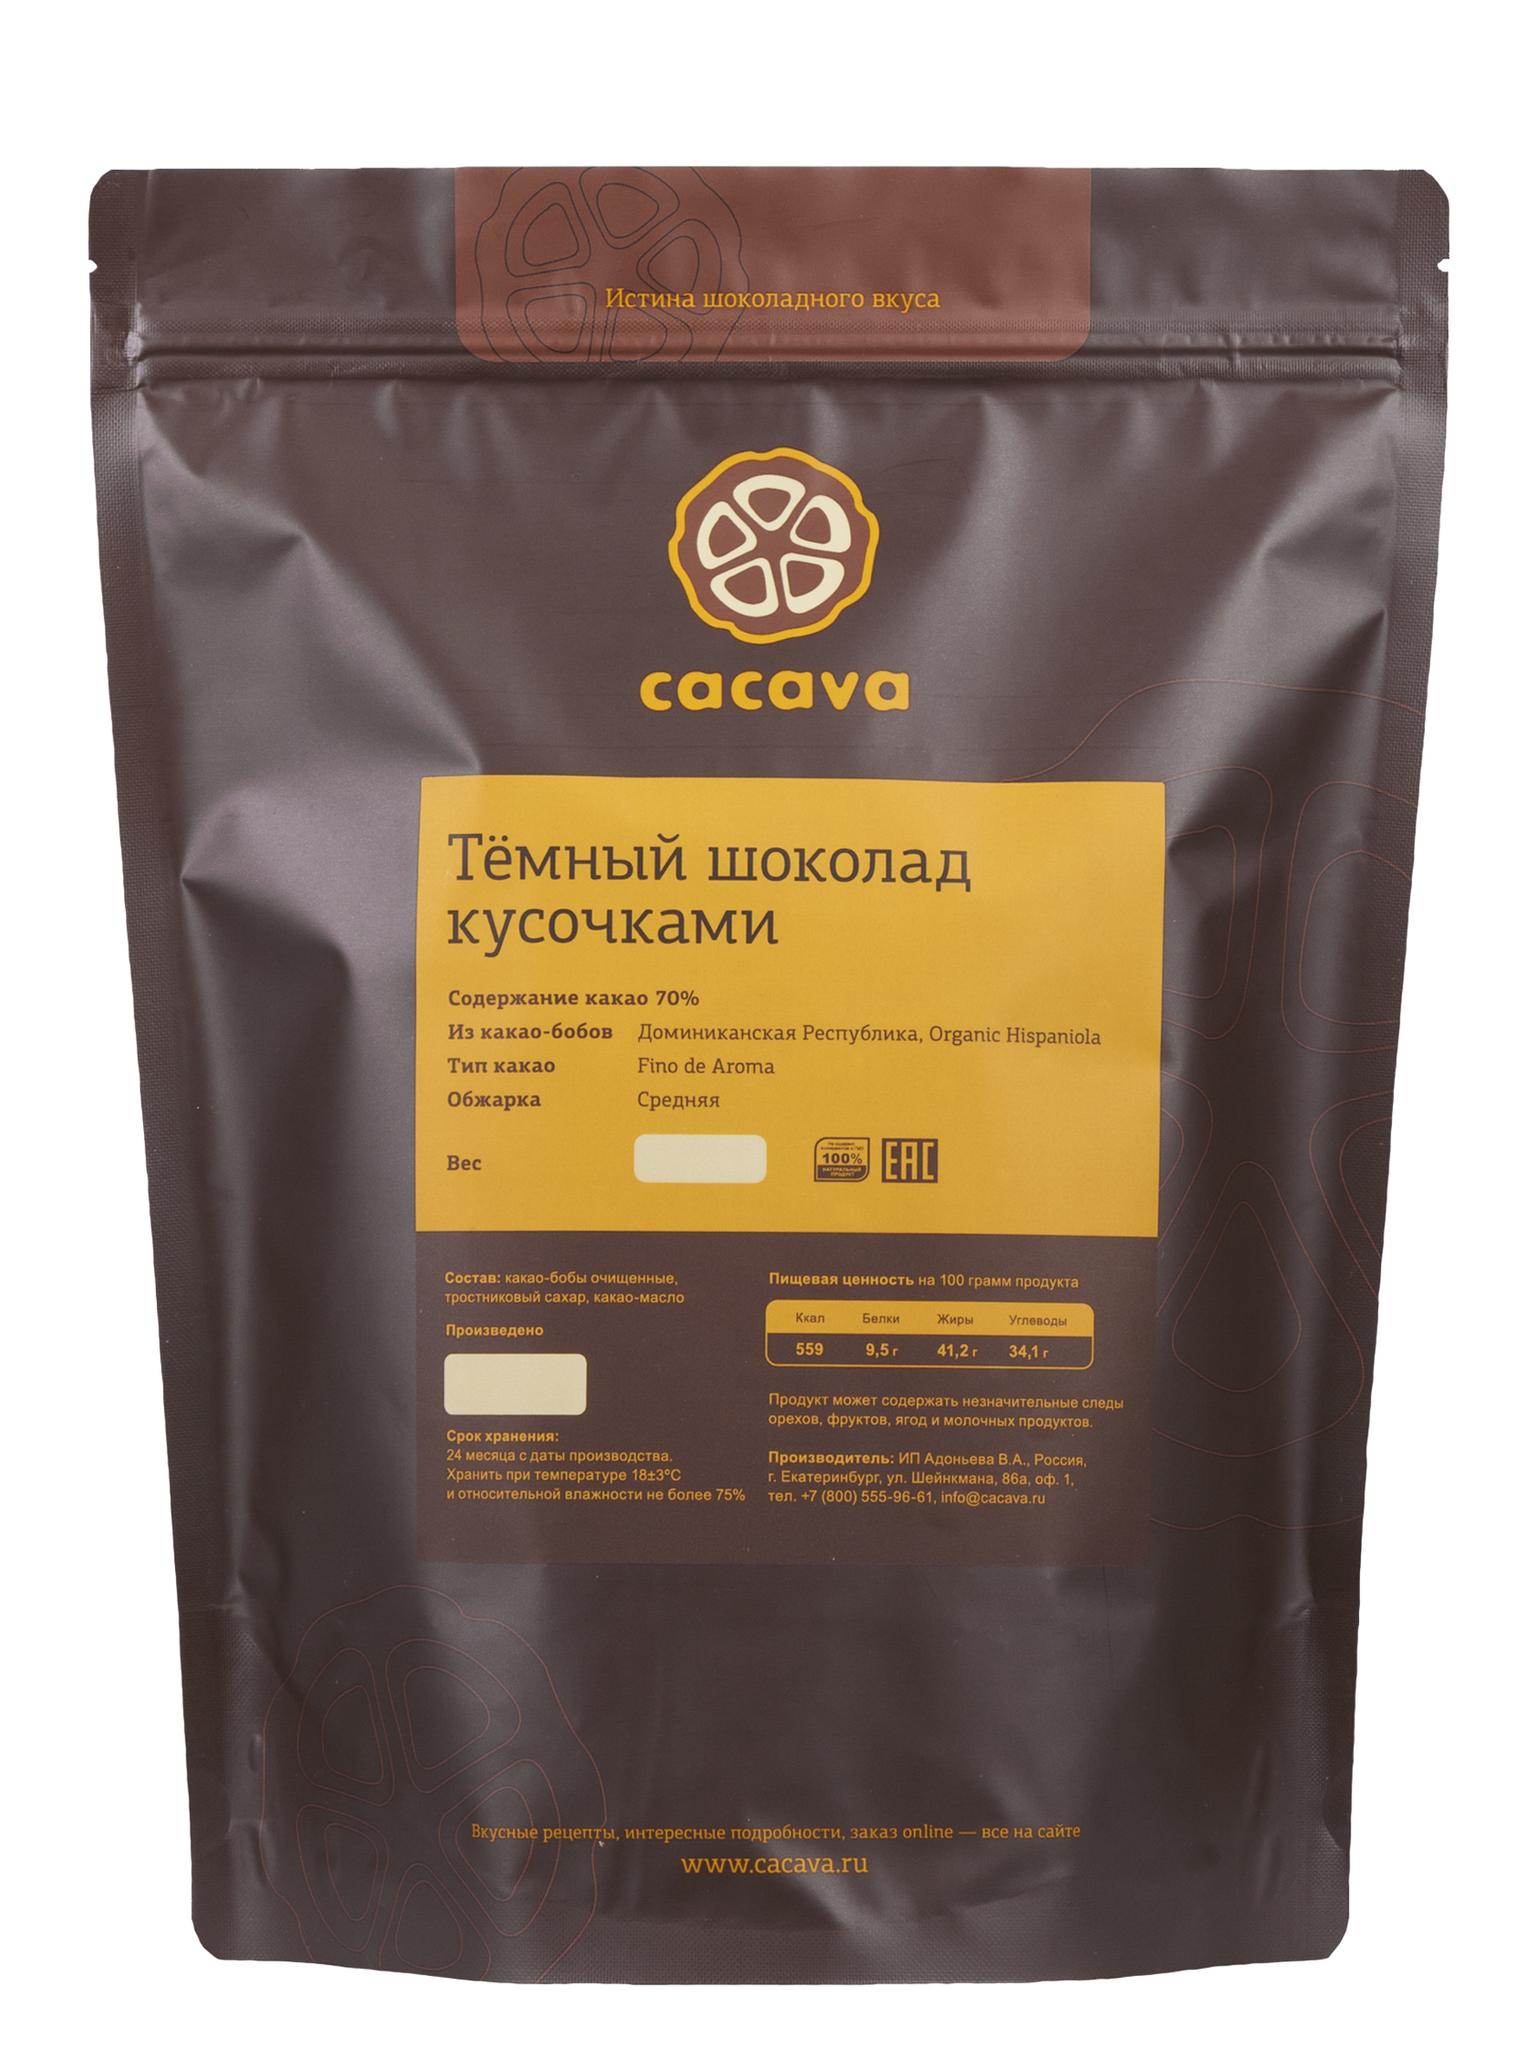 Тёмный шоколад 70 % какао (Доминикана), упаковка 1 кг